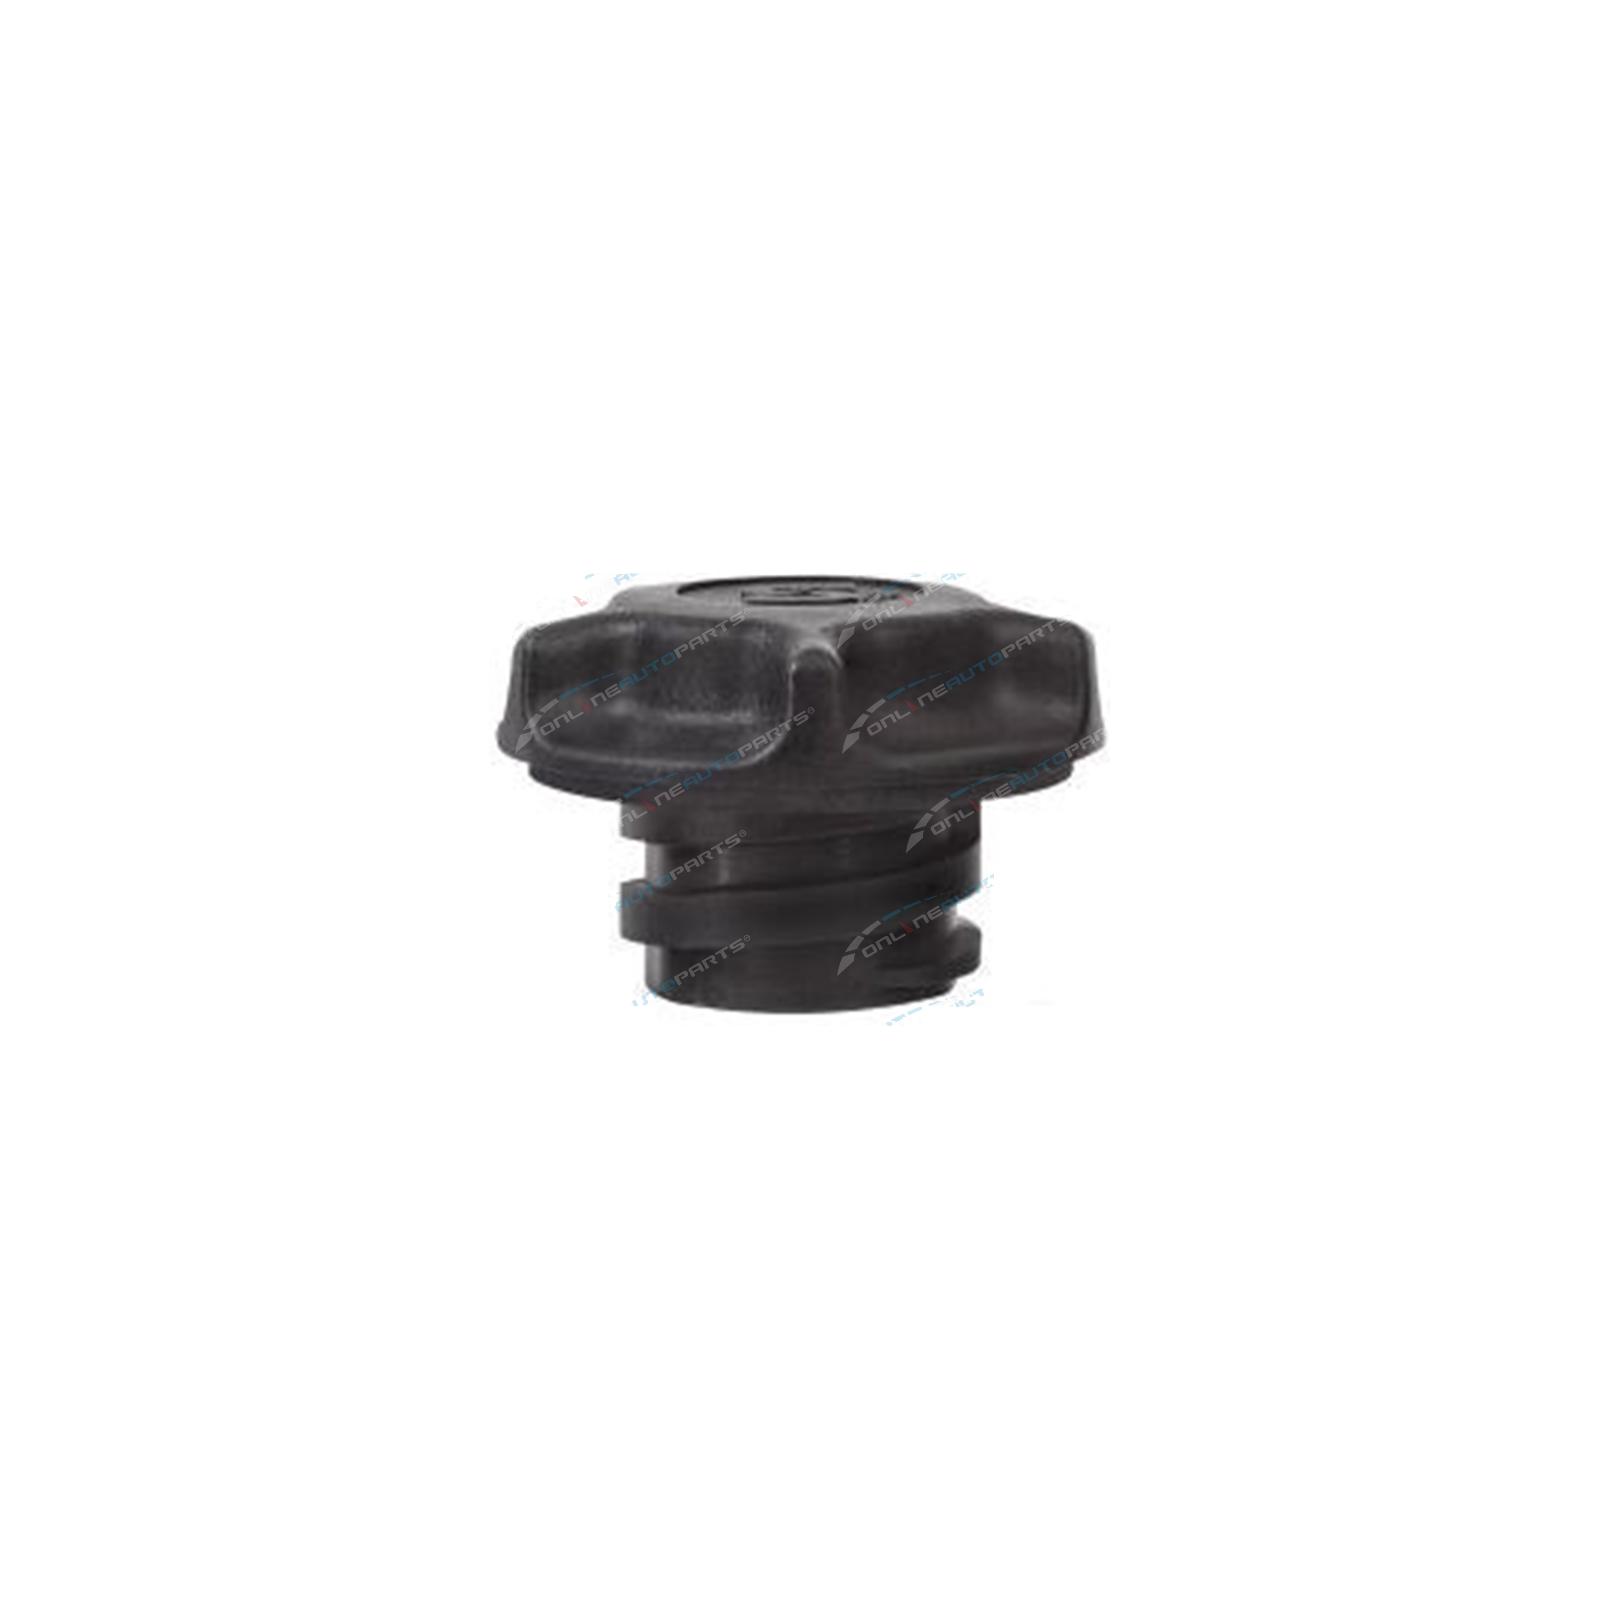 TOC536 - Engine Oil Cap Plastic push and screw - Tridon